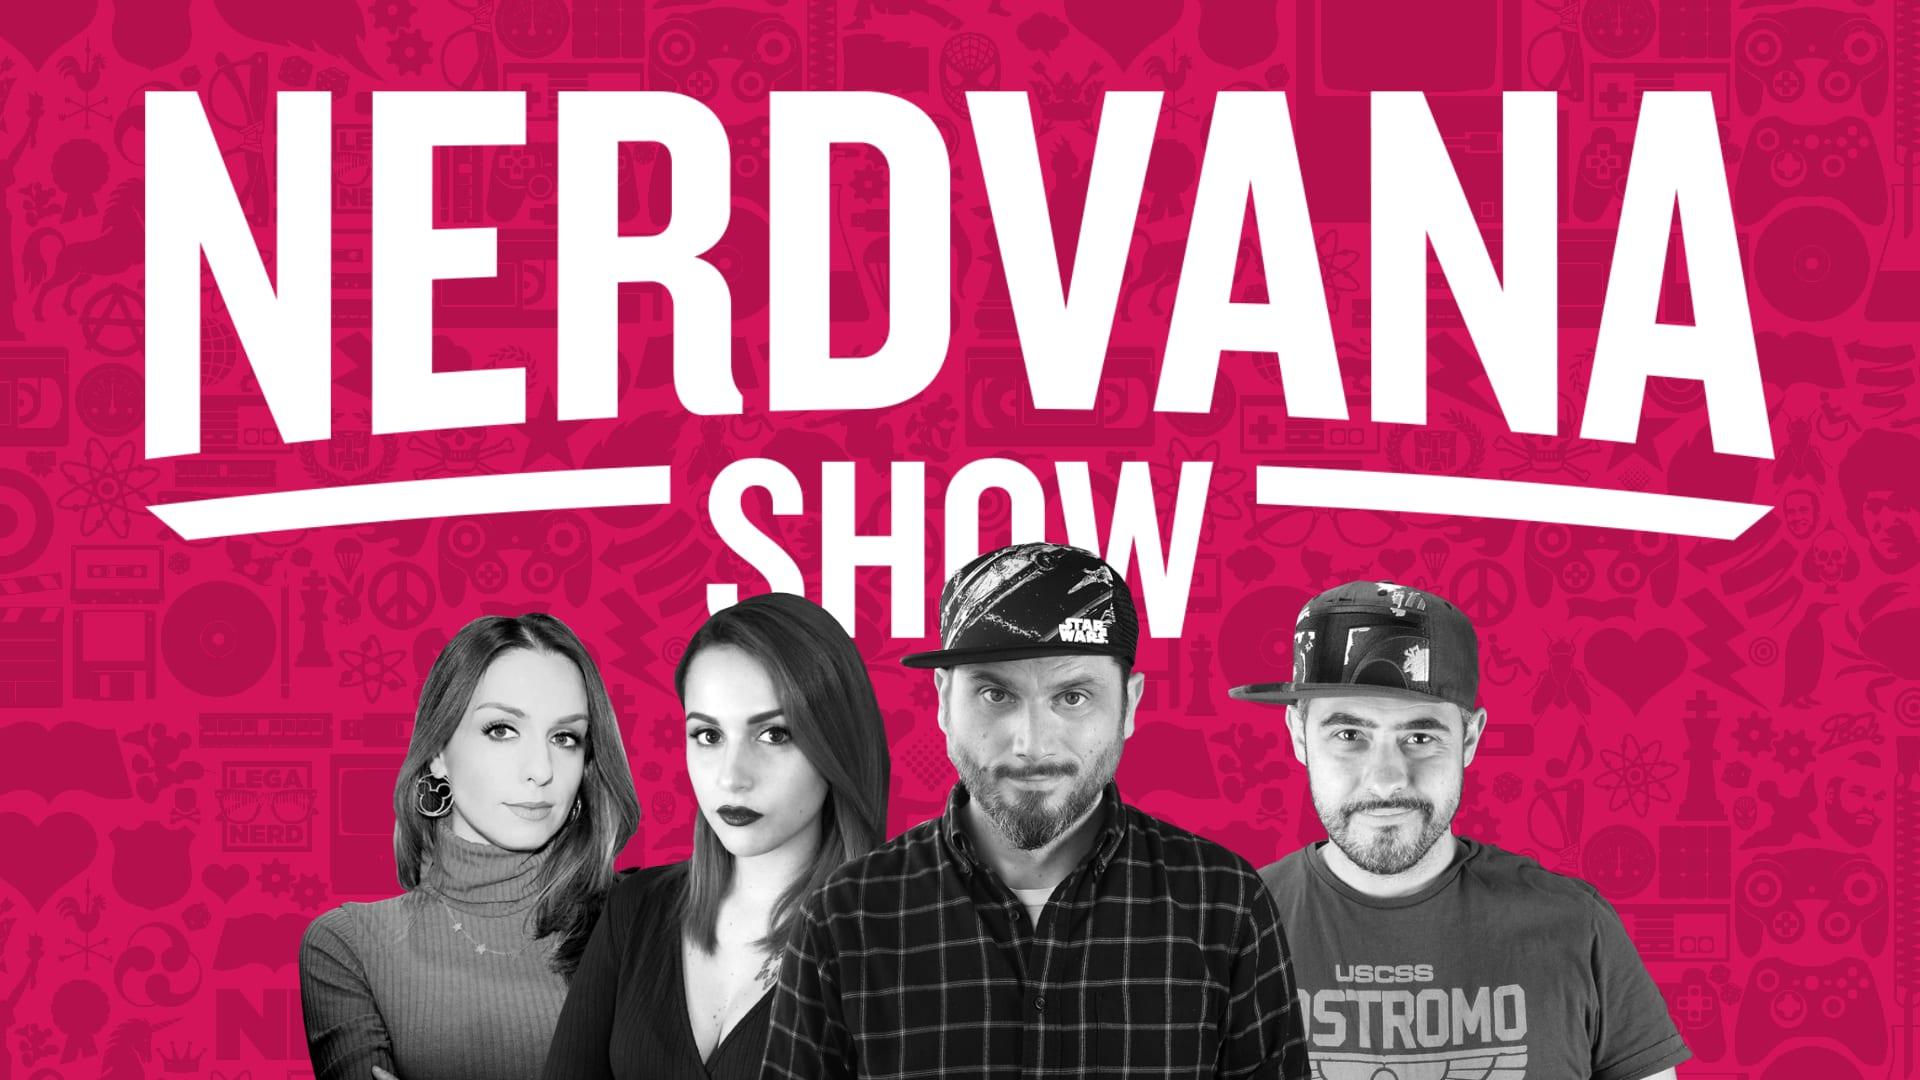 Streaming wars, le fiere italiane e le ultime novità / Nerdvana Show 13